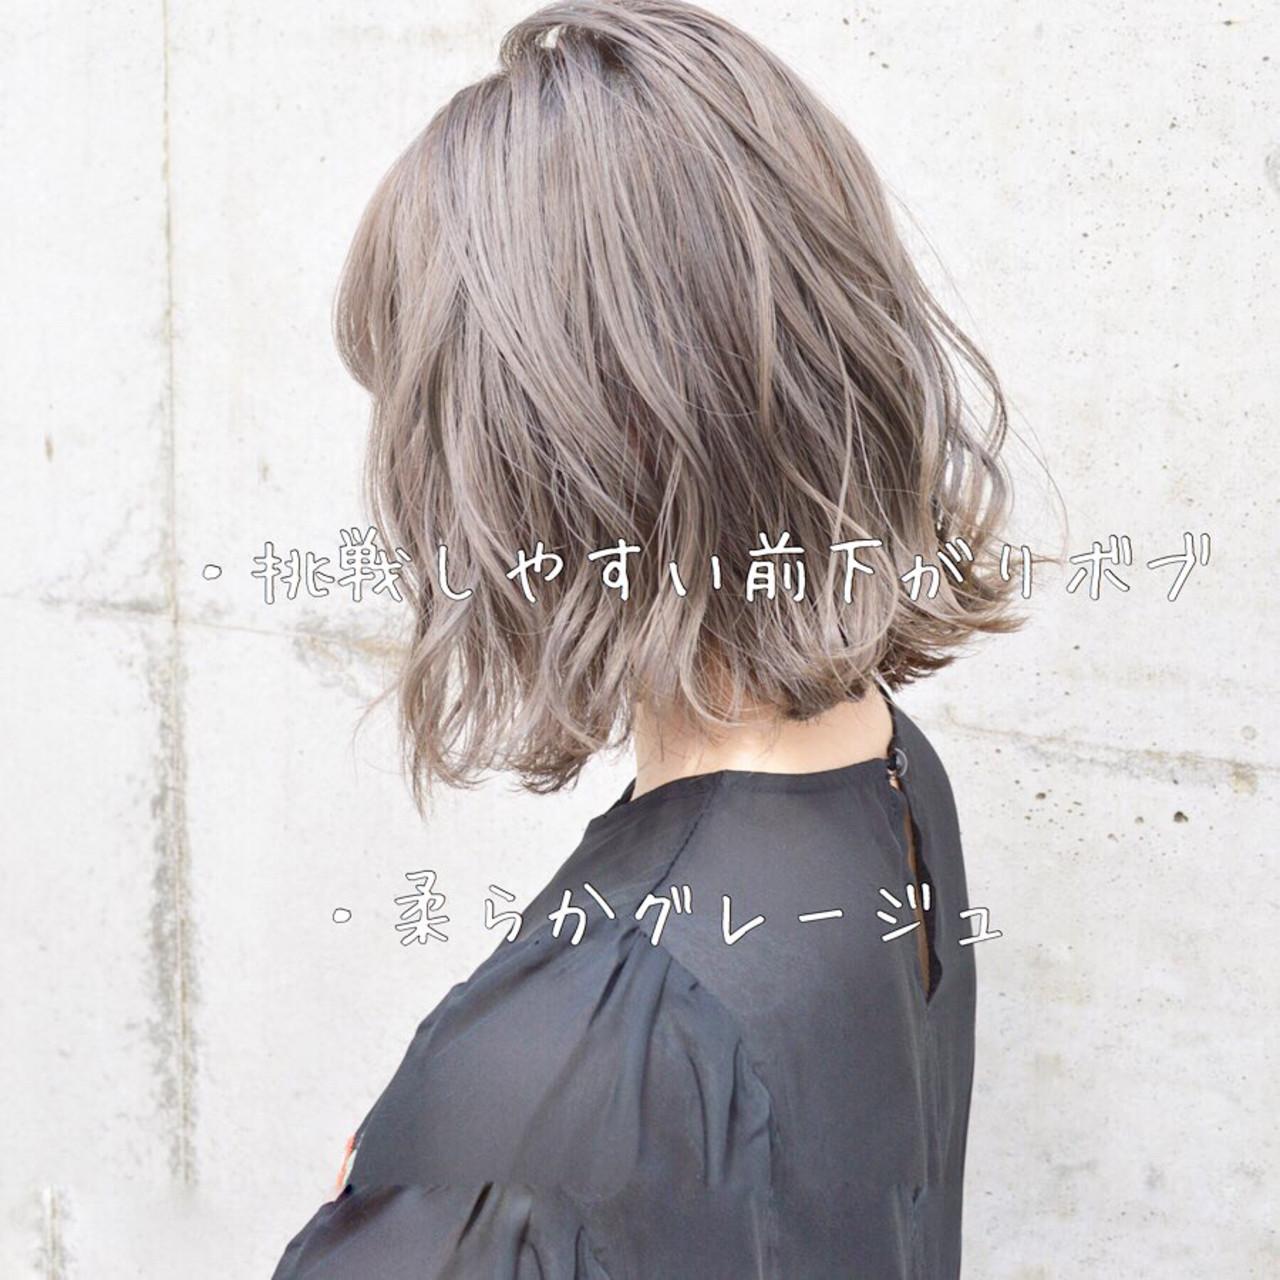 切りっぱなしボブ アンニュイほつれヘア ヘアアレンジ ナチュラルヘアスタイルや髪型の写真・画像